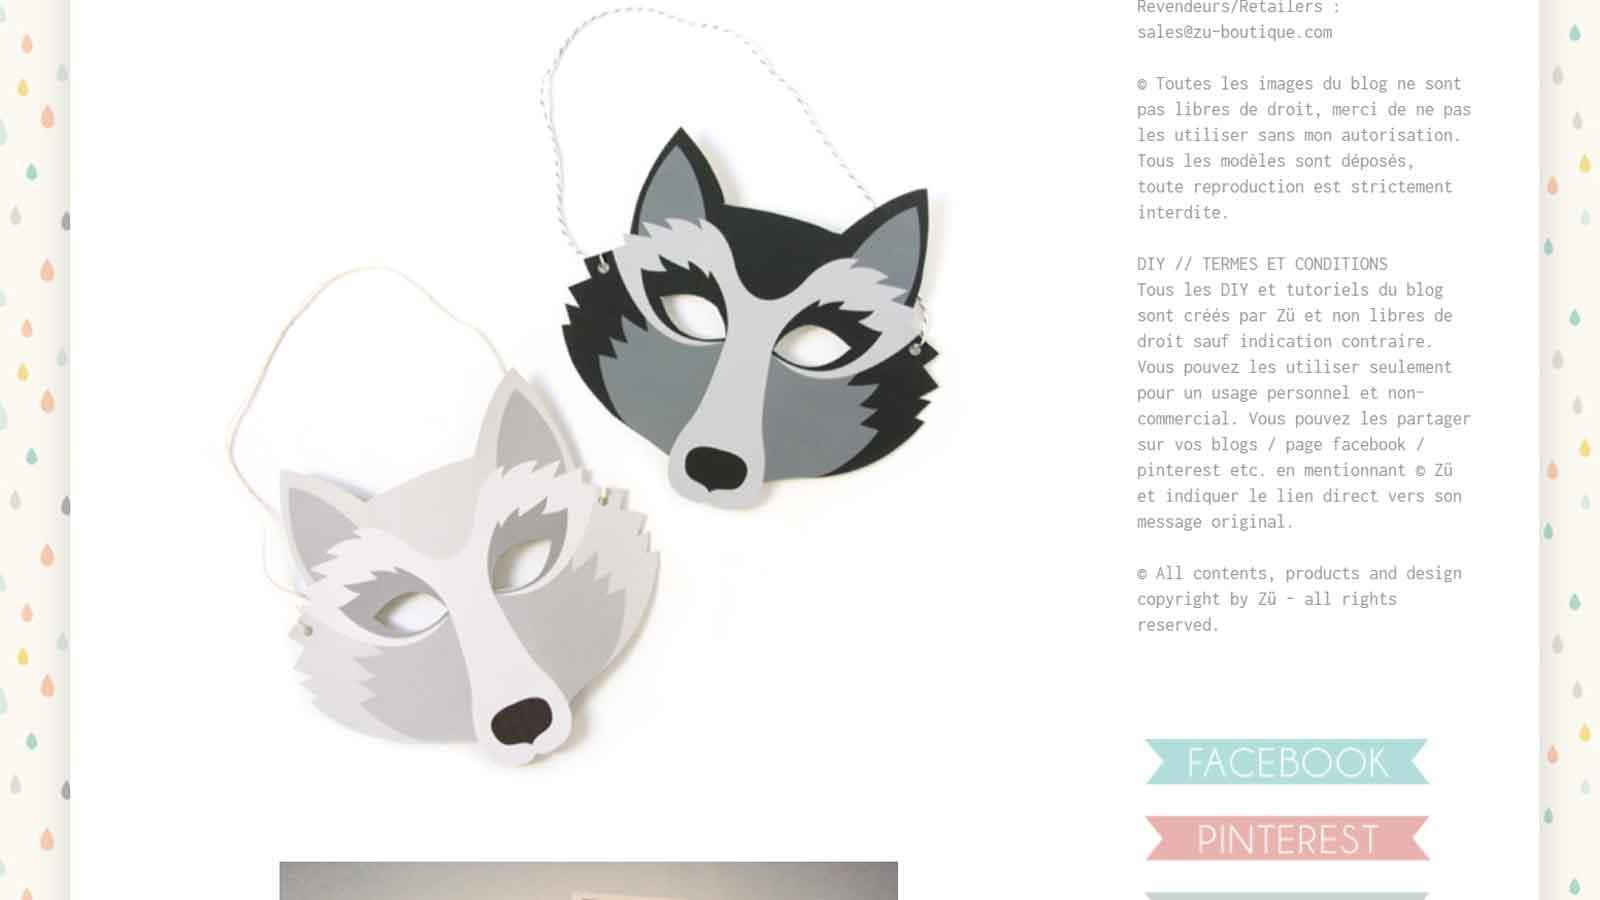 Diy : 19 Masques Gratuits À Imprimer Et Découper Soi-Même concernant Masque De Loup À Imprimer